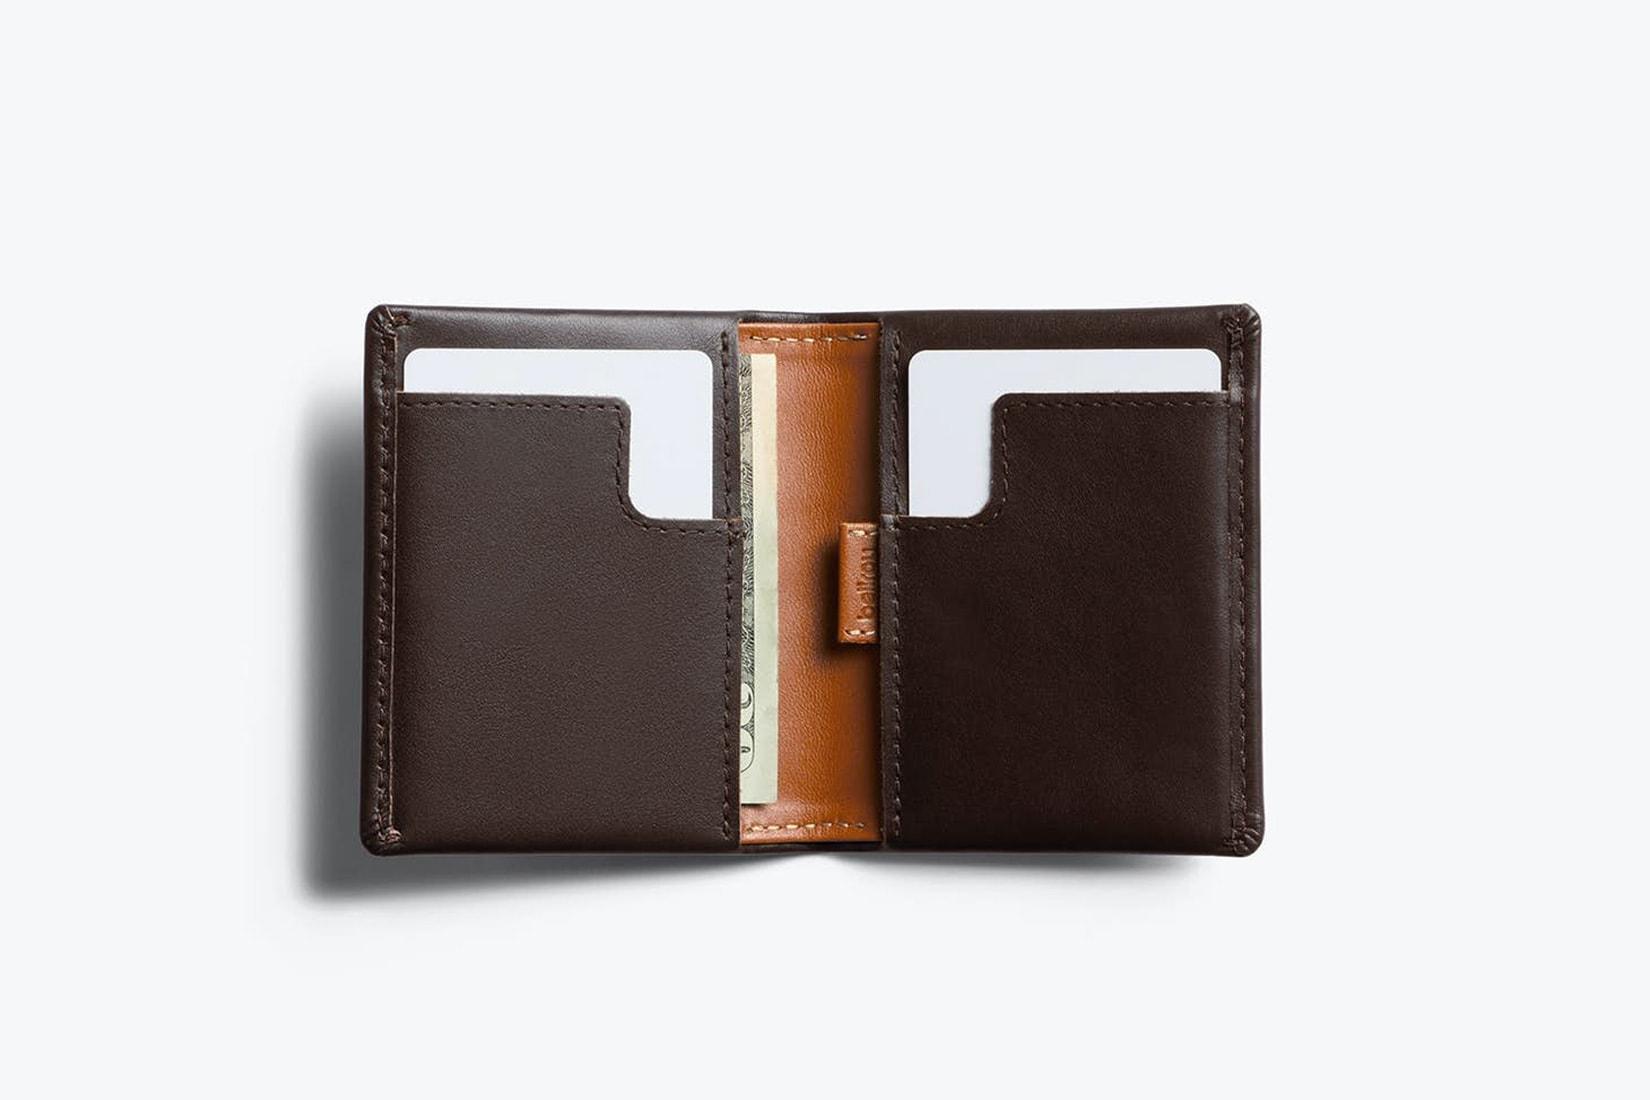 Bellroy slim sleeve wallet review - Luxe Digital